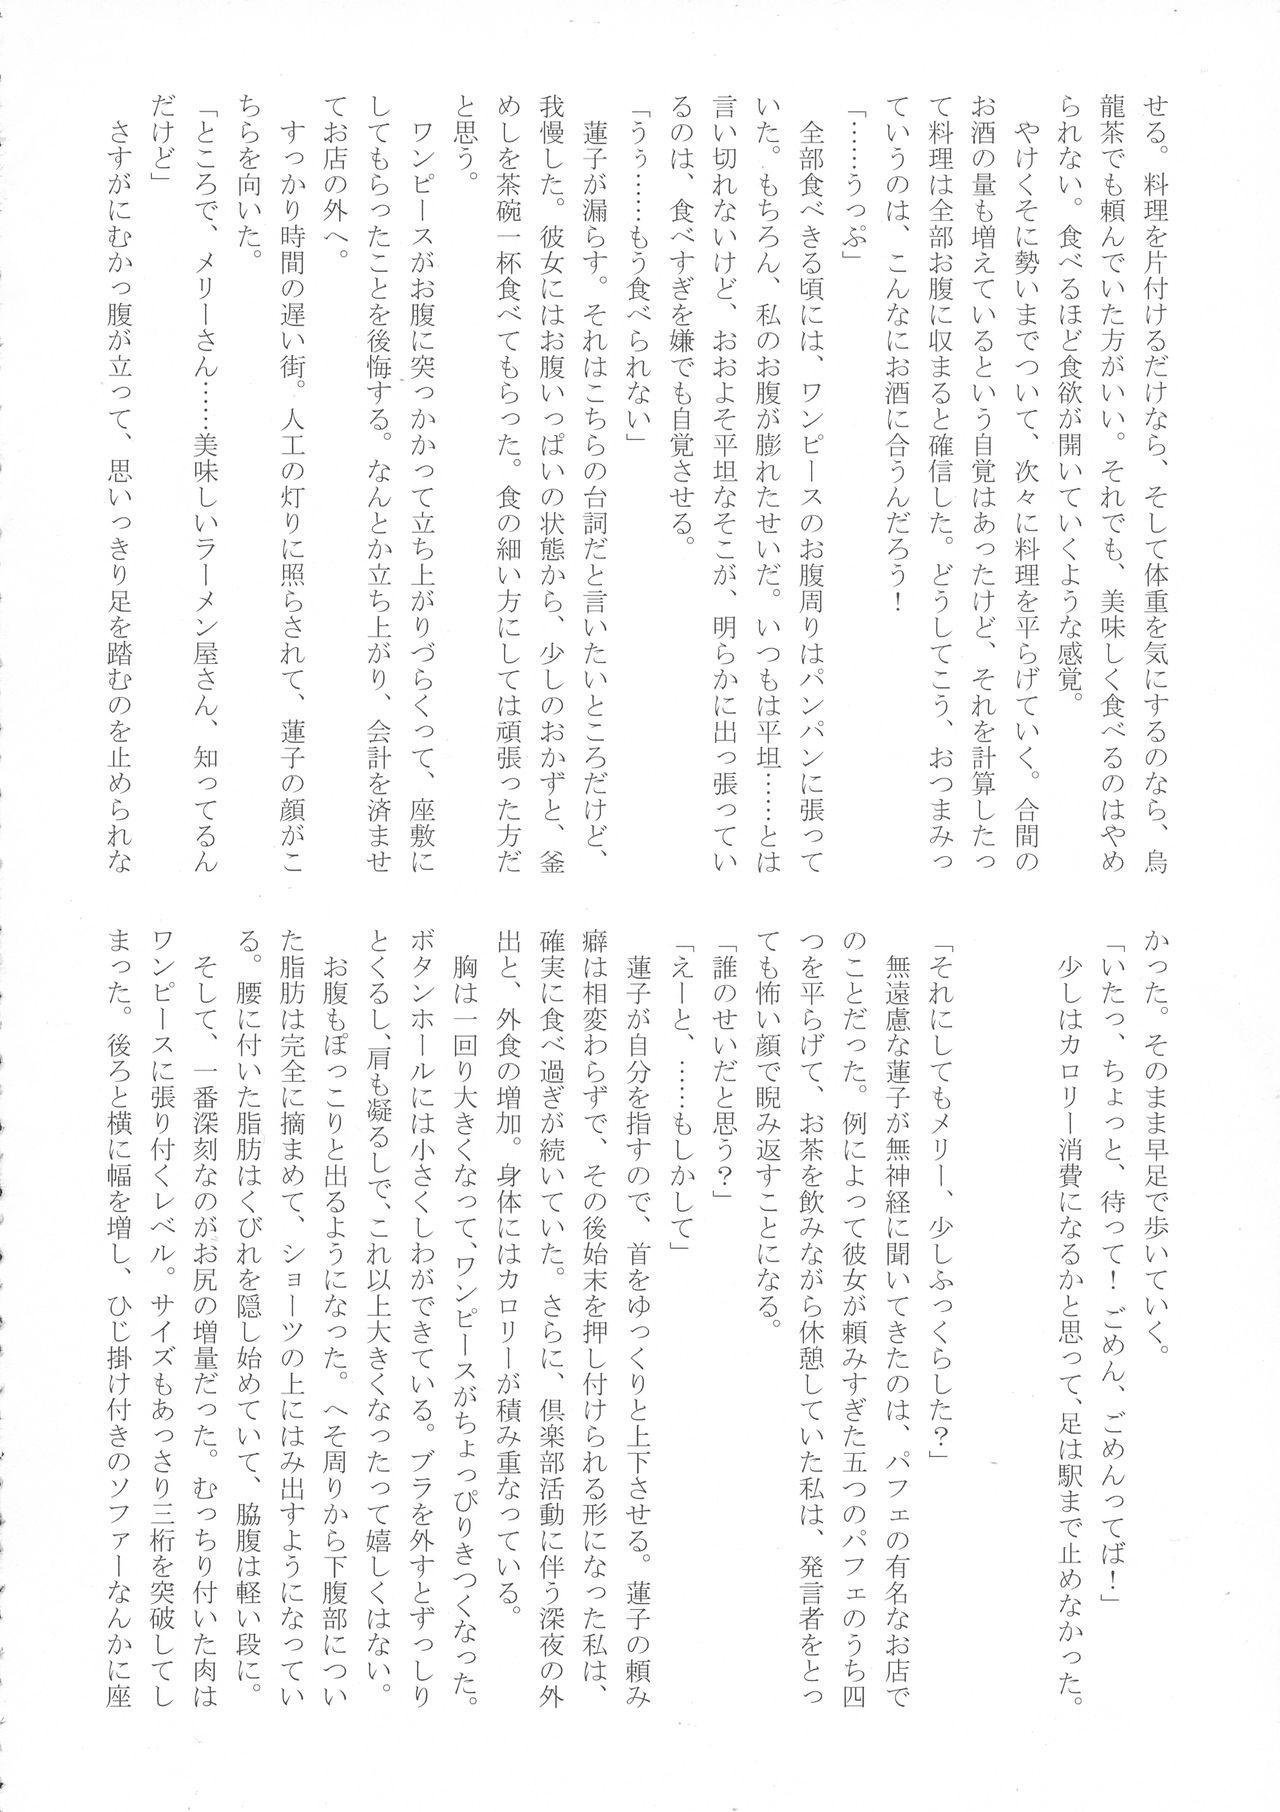 (Reitaisai 15) [HORIC WORKS (Various)] Touhou Bouchou-kei Sougou Goudou-shi `Boujo 2!!!!!!!!' (Touhou Project) 70